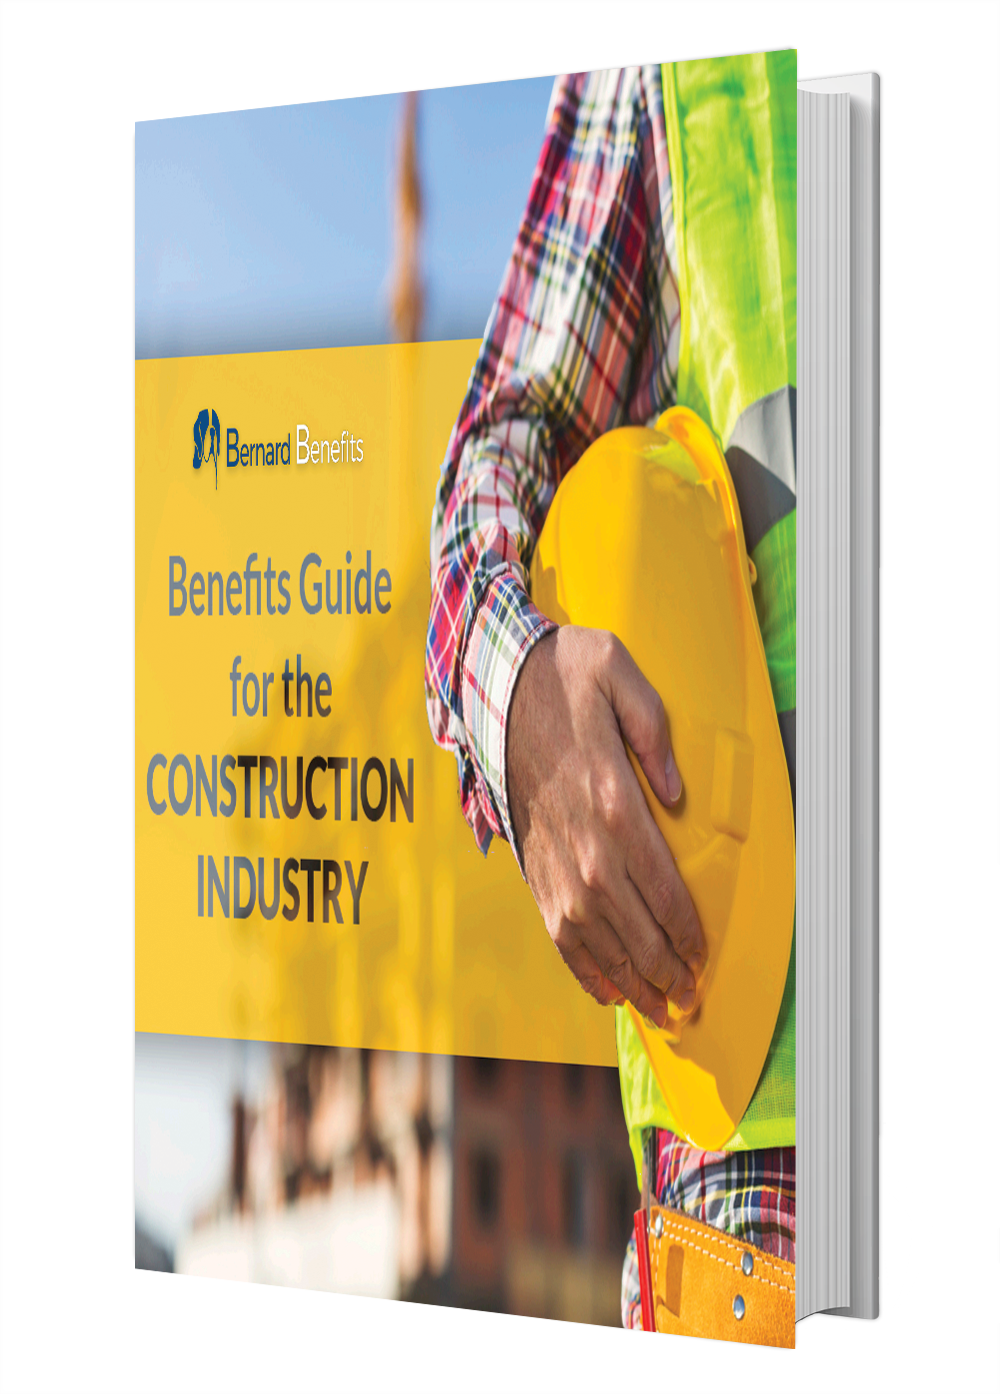 0c3c83ac-de-construction-e-book_0d10i60d10i4000001